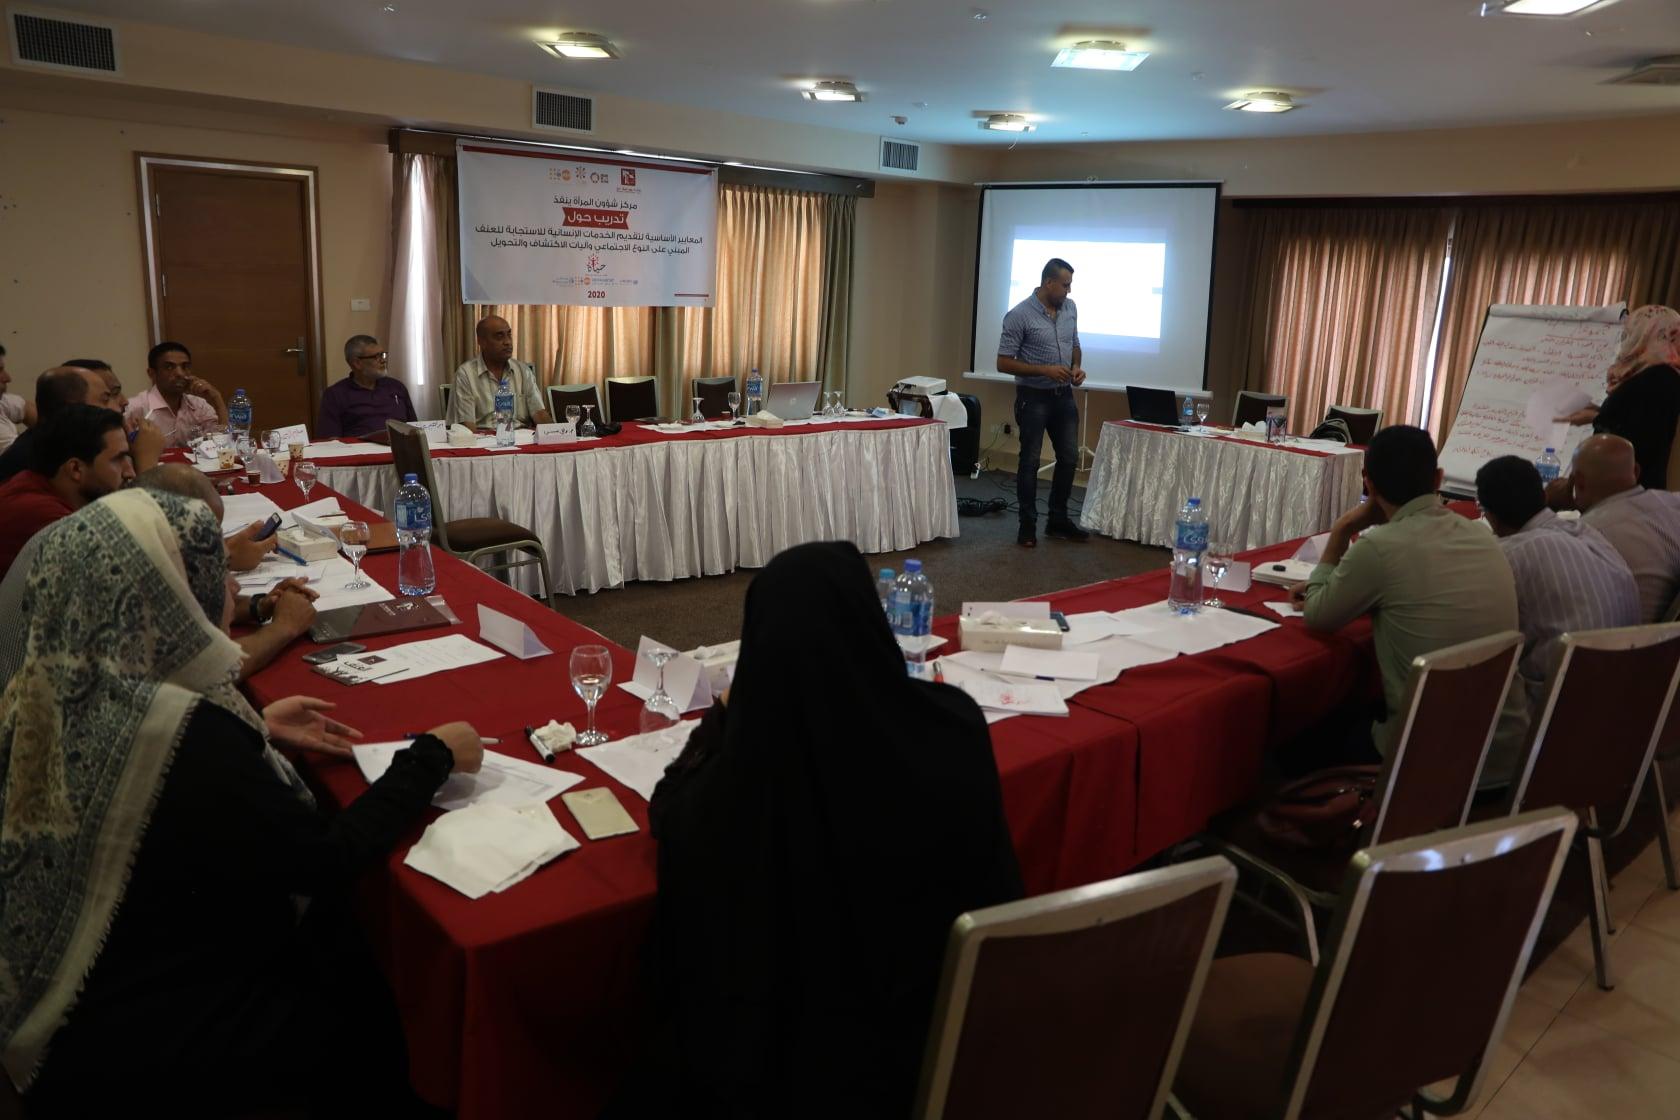 """مركز شؤون المرأة ينفذ تدريب حول""""المعايير الأساسية لتقديم الخدمات الإنسانية للاستجابة للعنف المبني على النوع الاجتماعي وحماية الطفولة وآليات الاكتشاف والتحويل"""""""